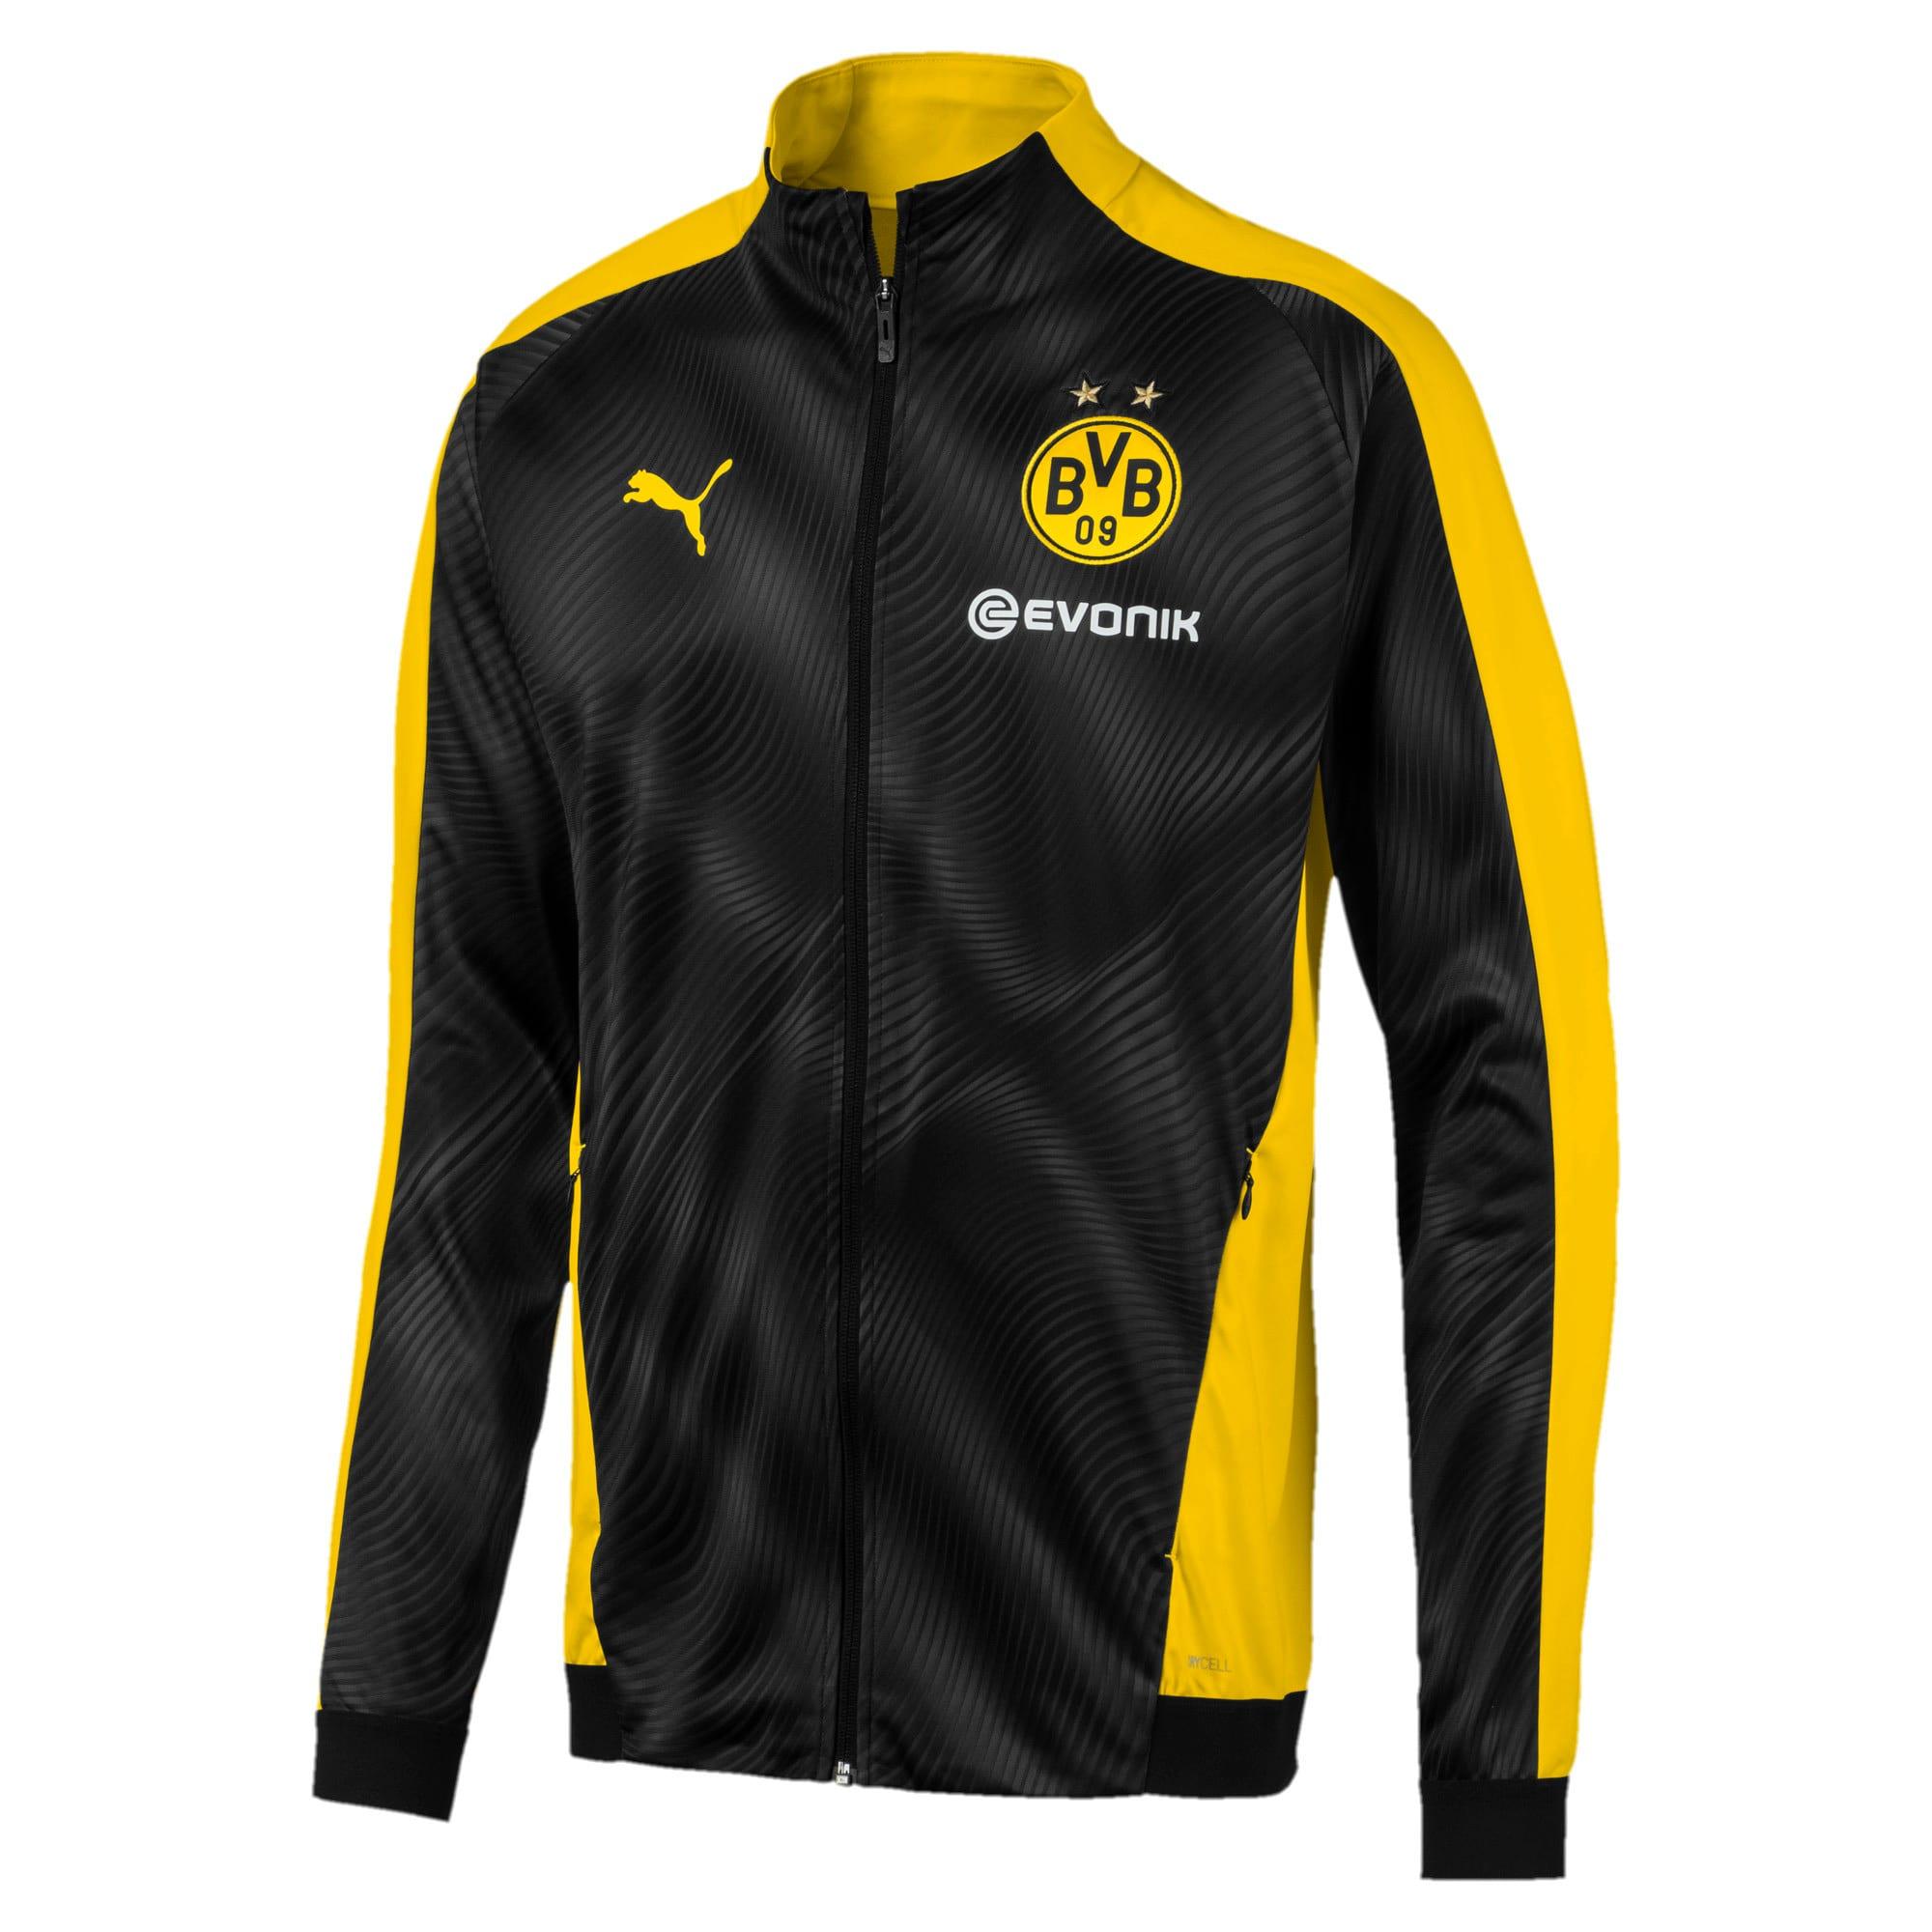 Thumbnail 1 of BVB Men's League Stadium Jacket, Cyber Yellow-Puma Black, medium